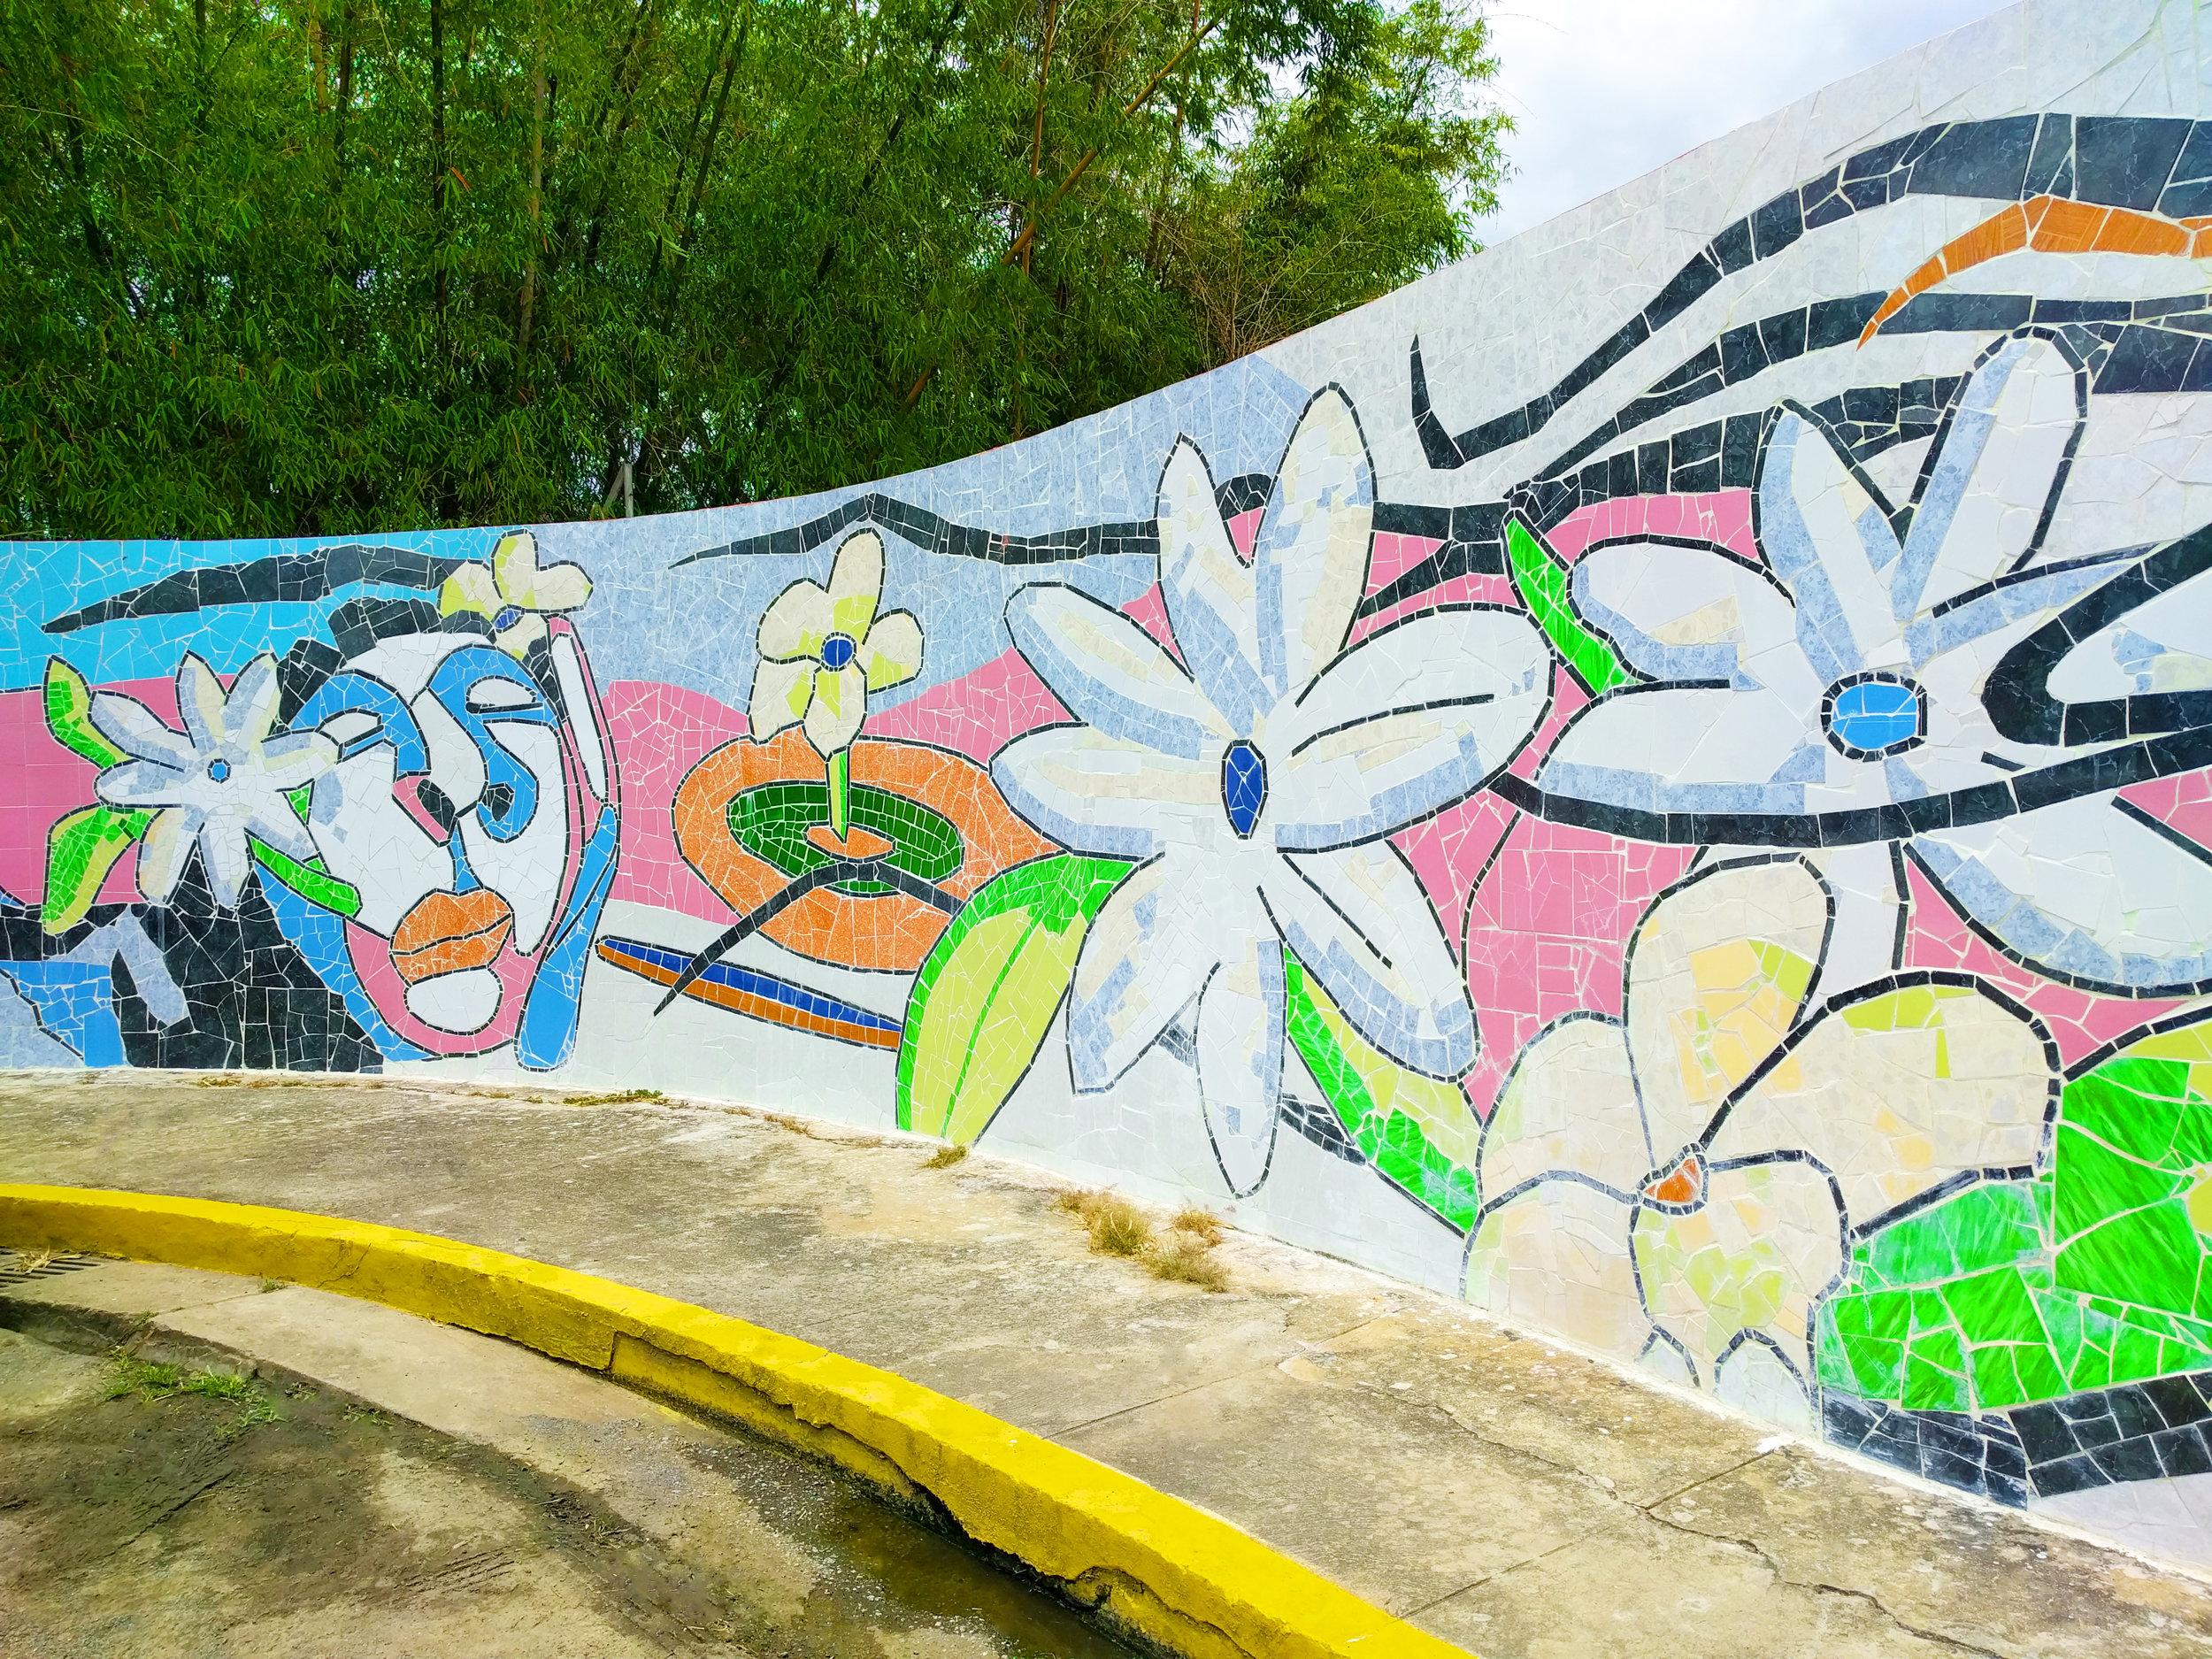 TravelCuba_Viñales_MosiacArt.jpg